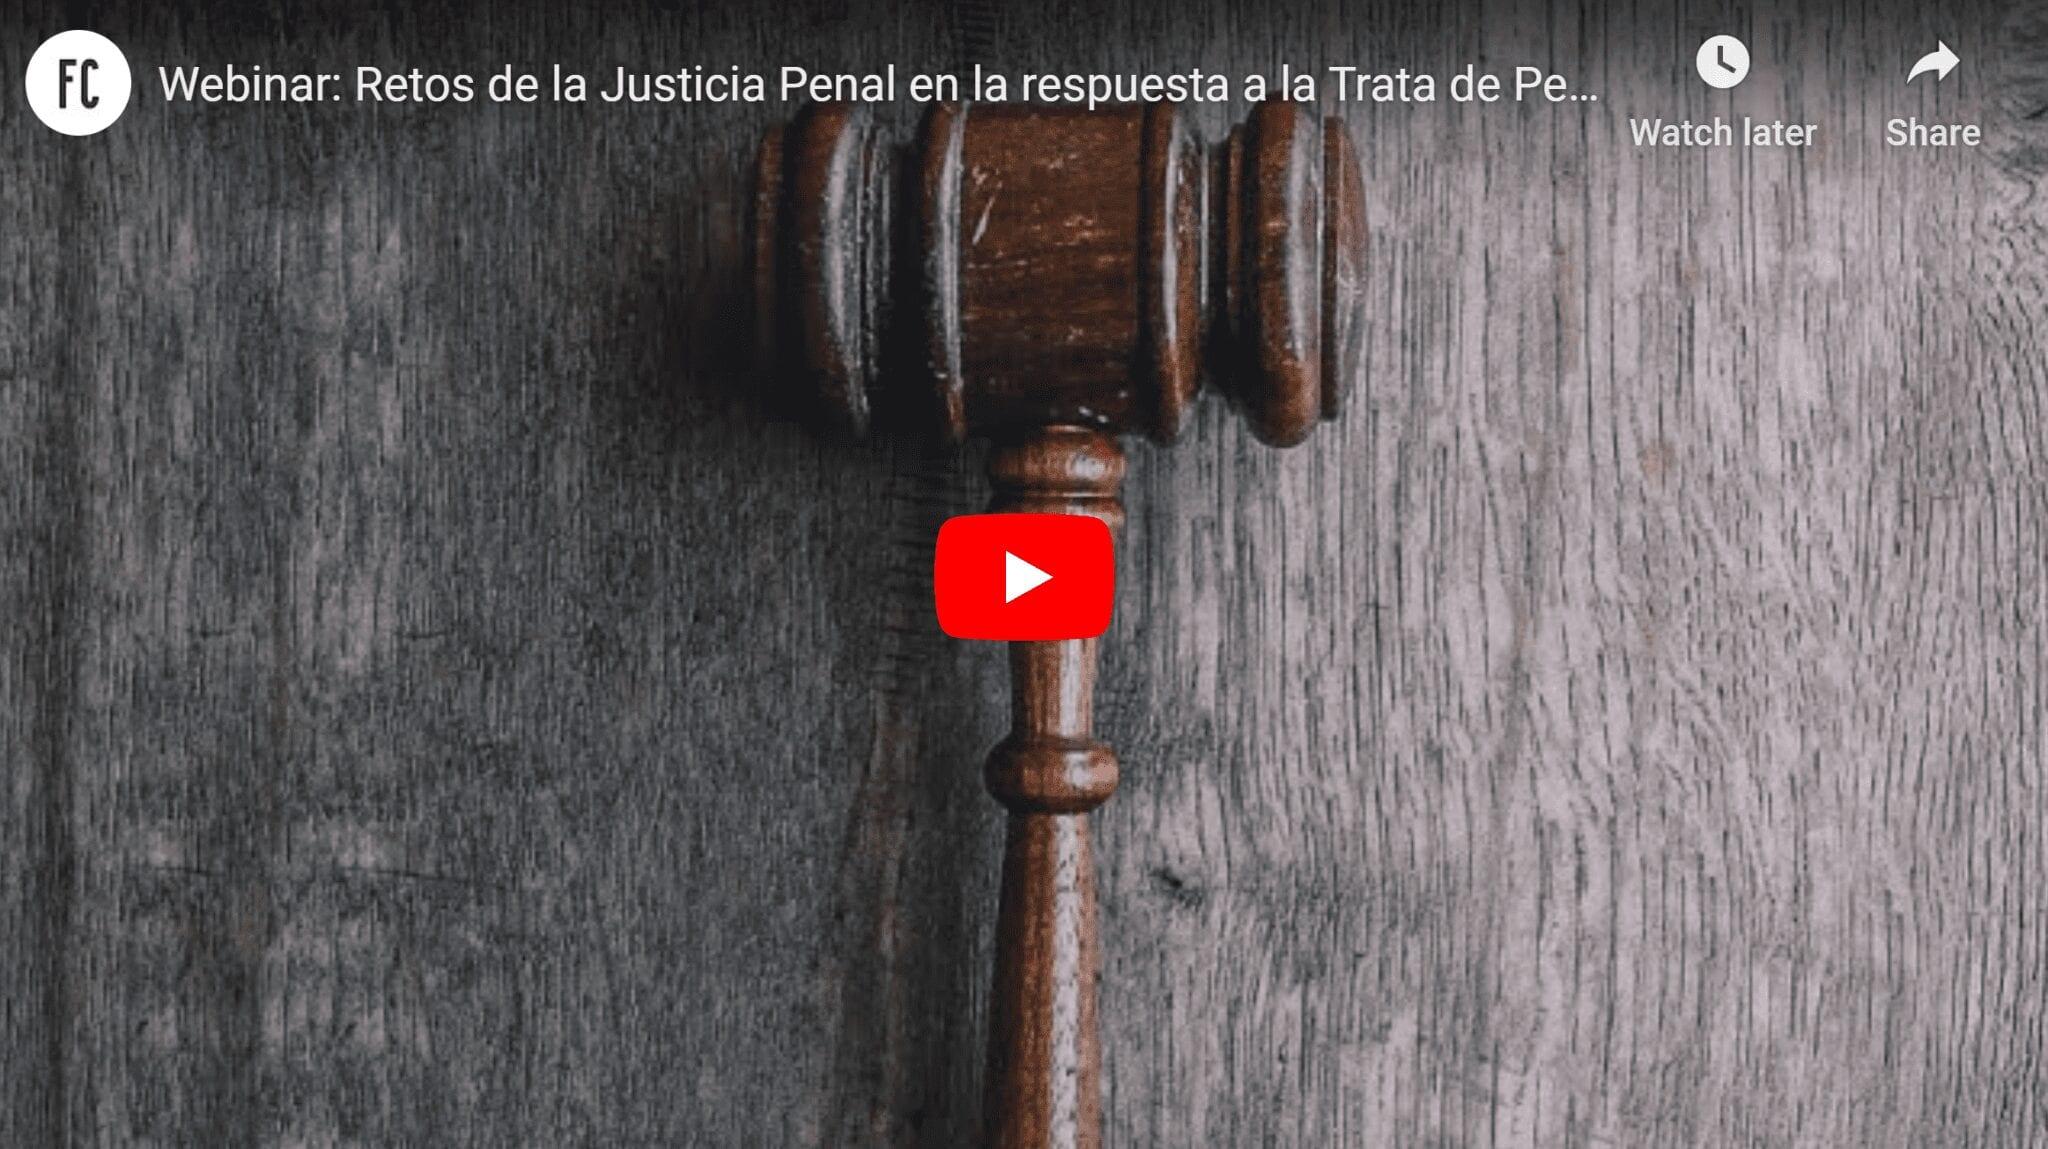 Retos de la Justicia Penal en la Respuesta a la Trata de Personas